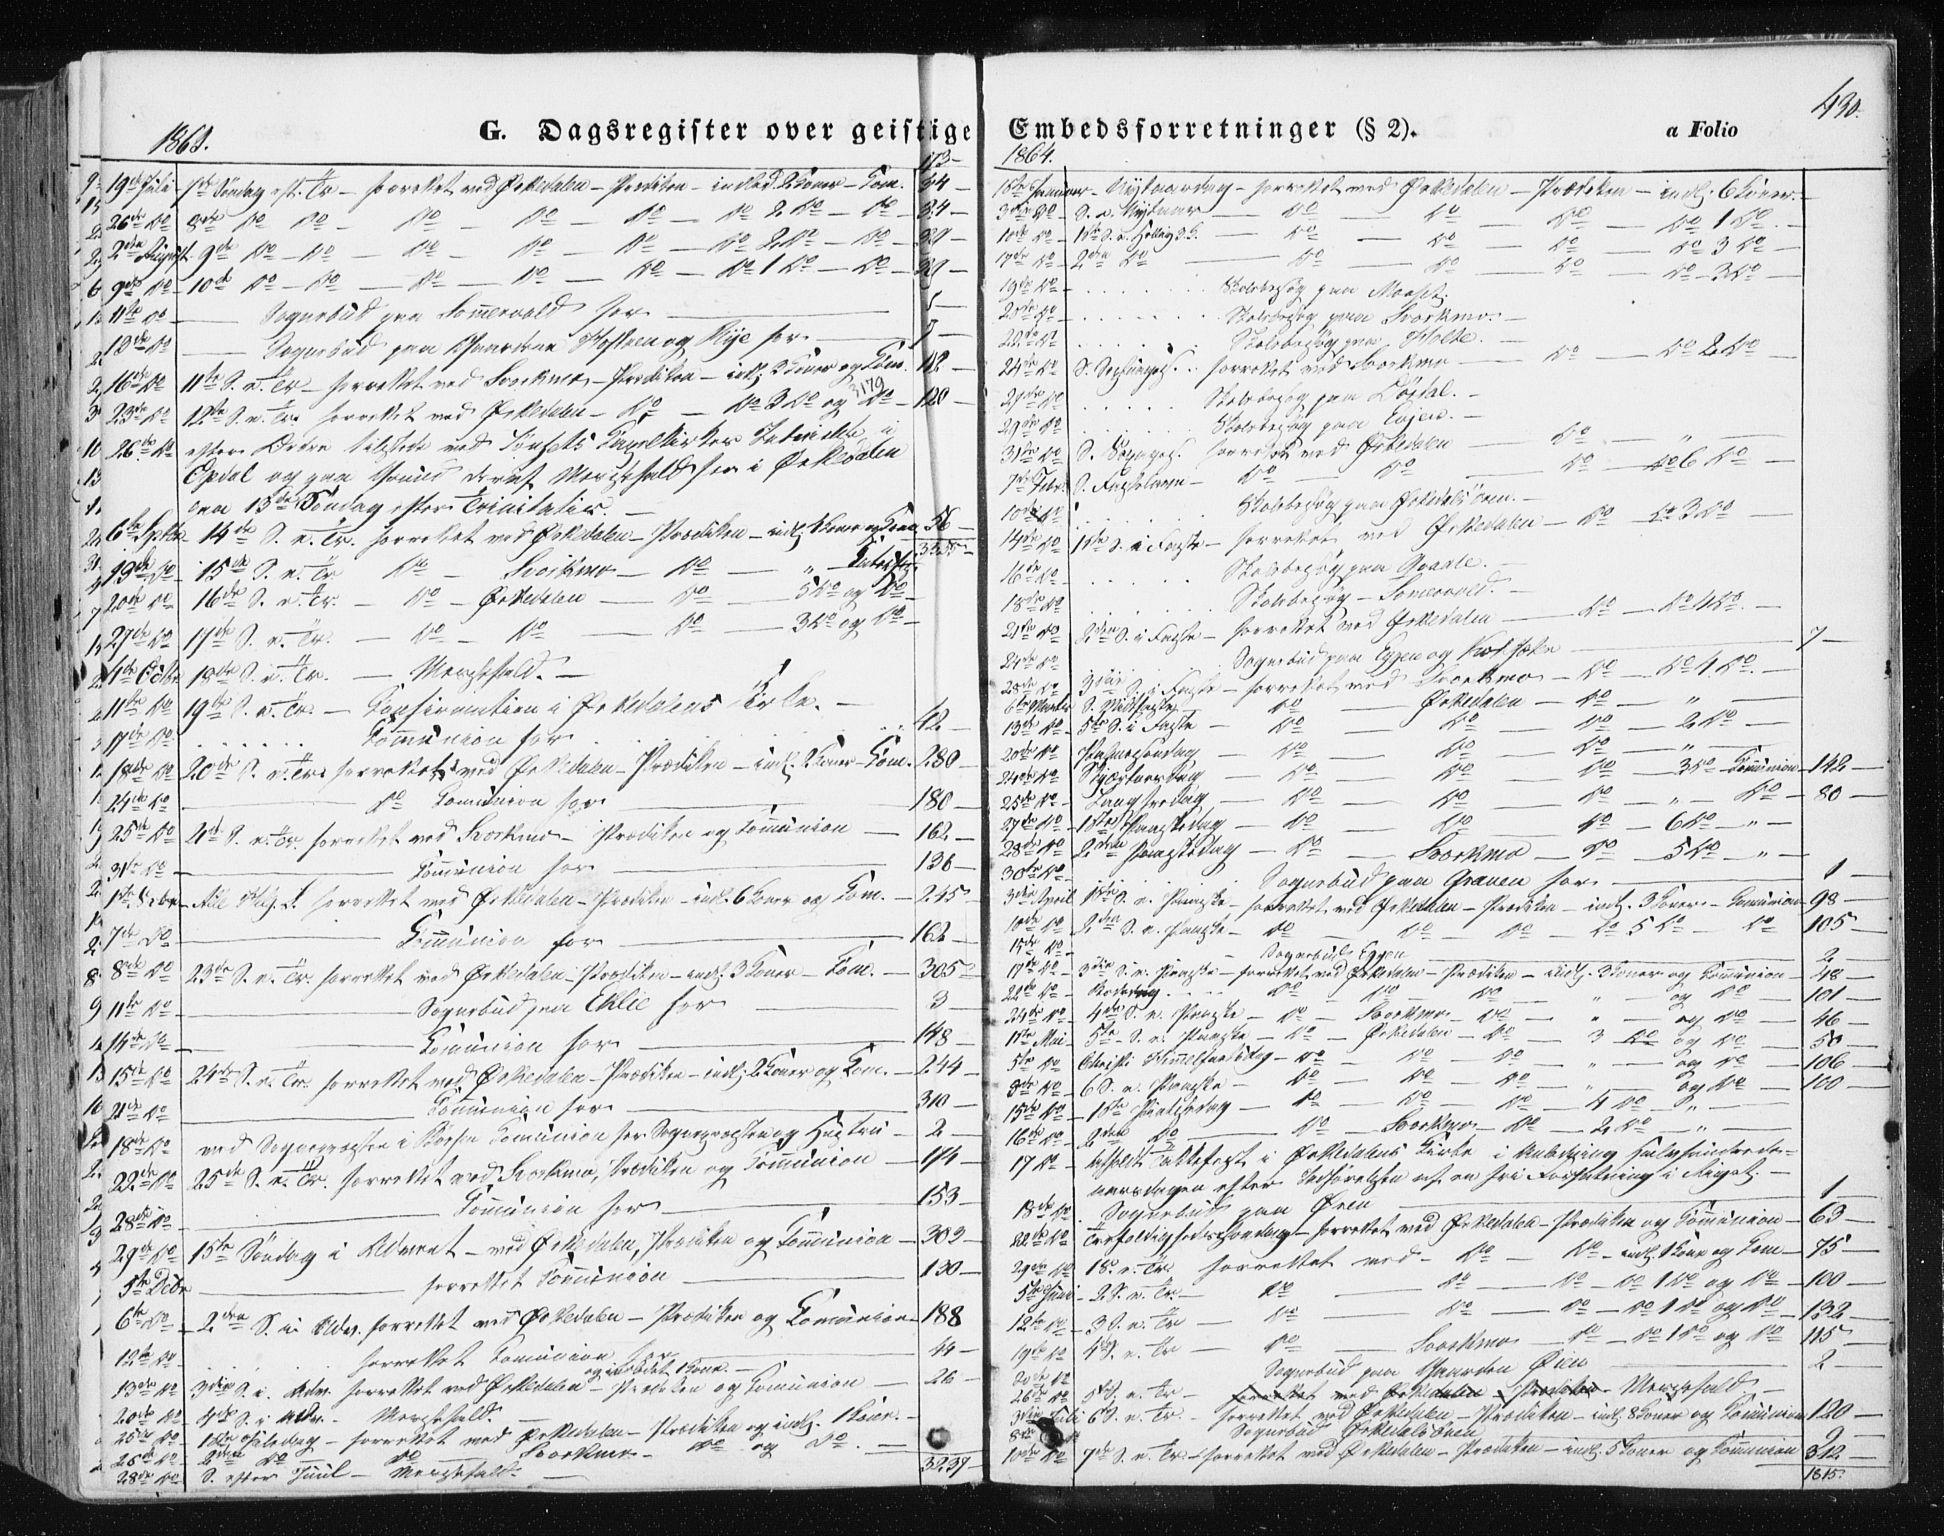 SAT, Ministerialprotokoller, klokkerbøker og fødselsregistre - Sør-Trøndelag, 668/L0806: Ministerialbok nr. 668A06, 1854-1869, s. 430